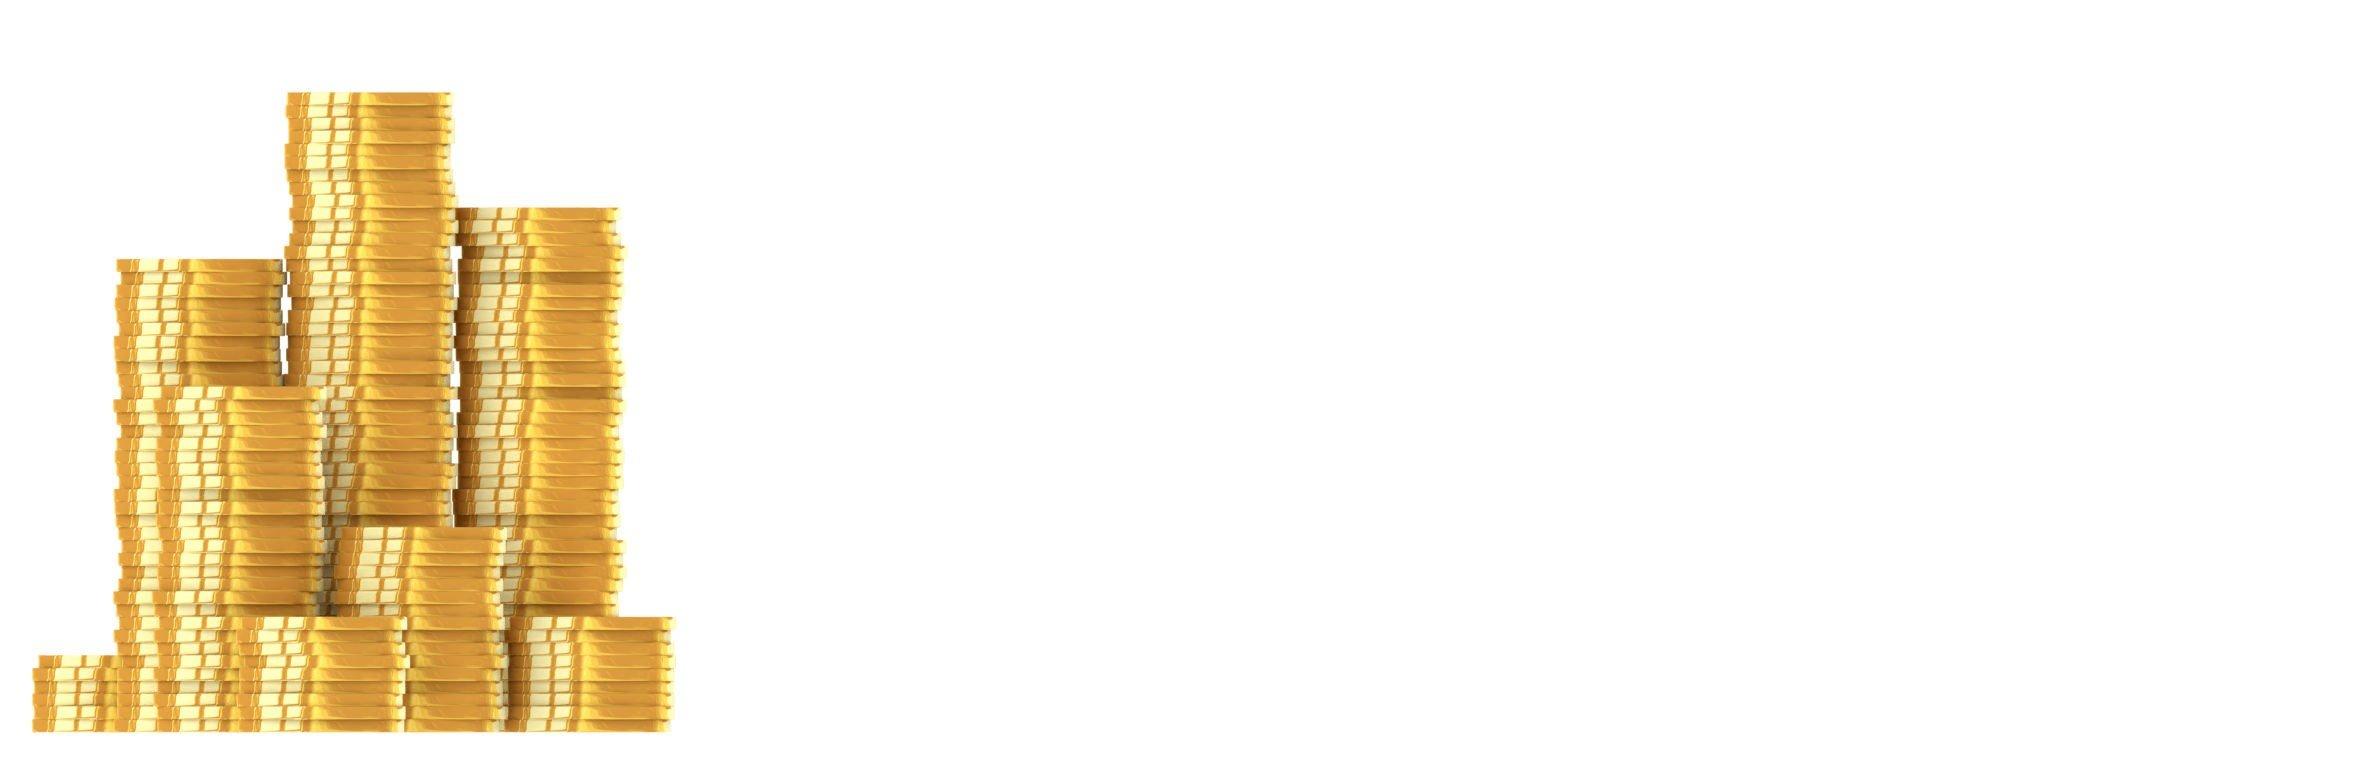 Баннеры RedStarBet Сайт Артура Нецветаева — сайты, приложения, прототипы и оформление интерфейсов b62af7102824133.5f3f278328872